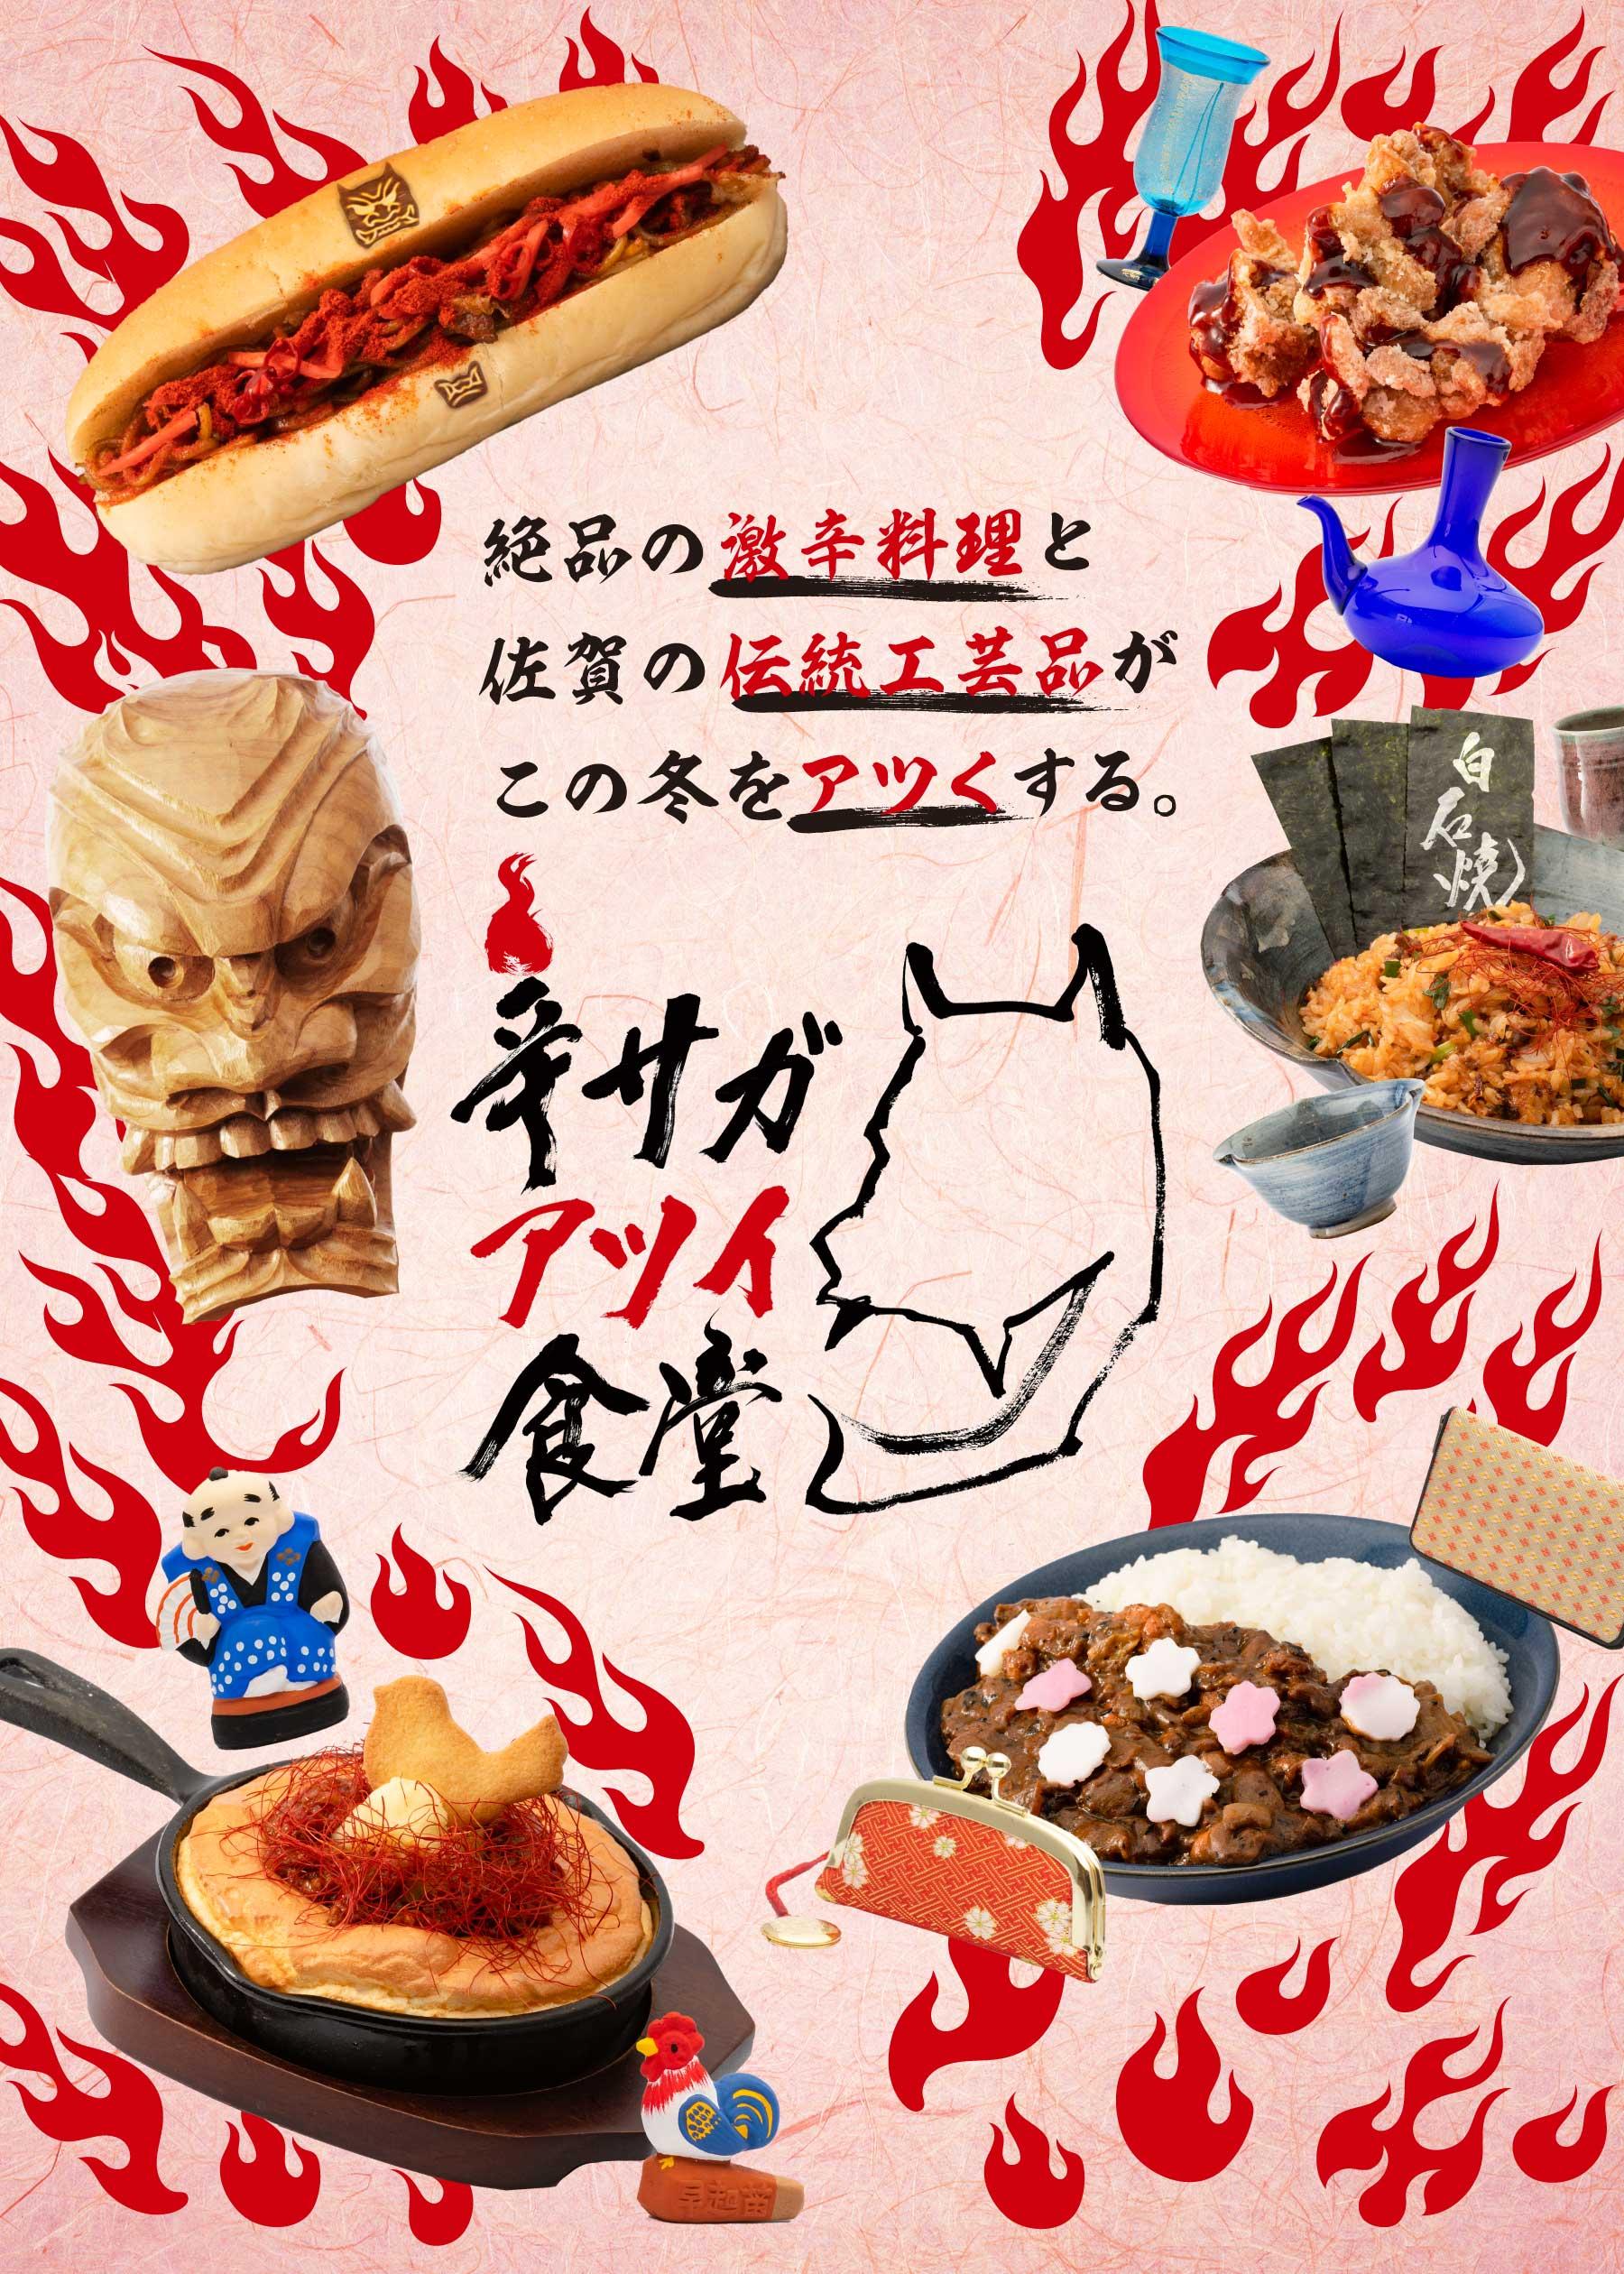 辛サガアツイ食堂